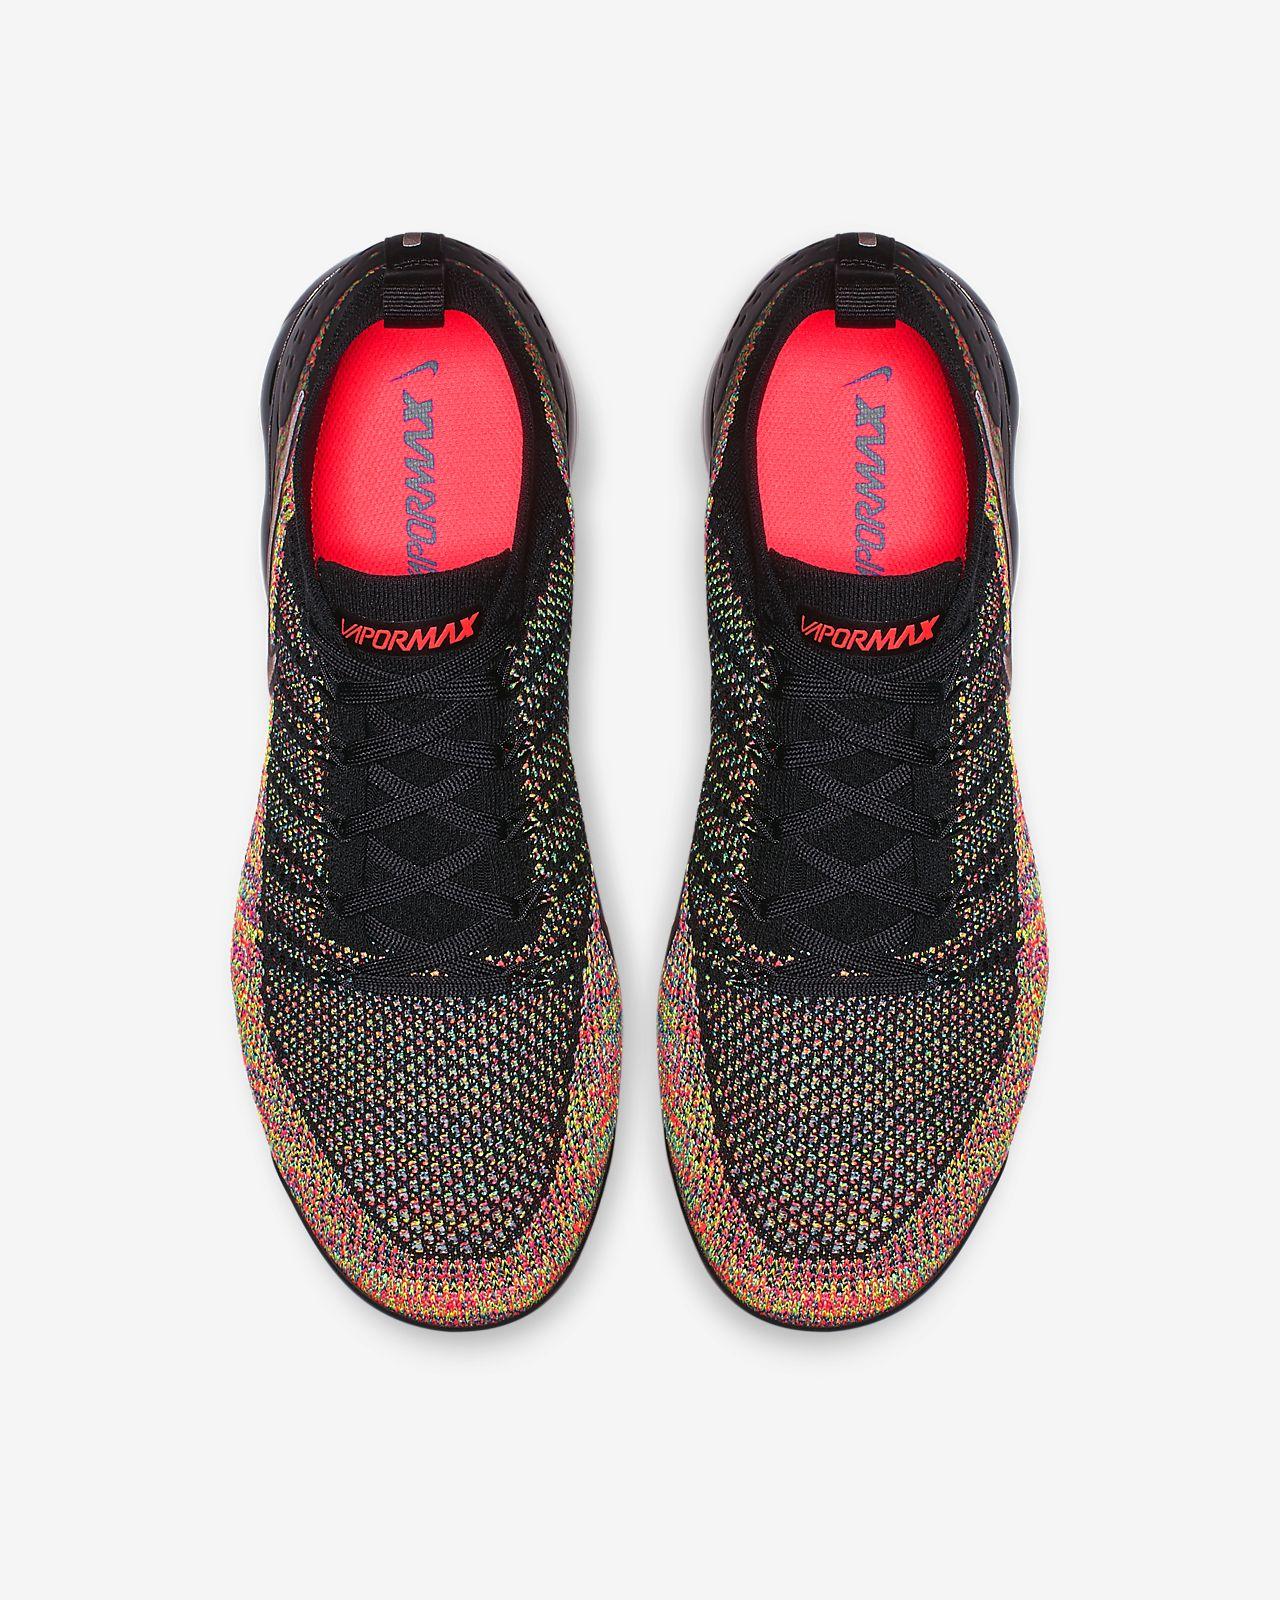 promo code 1c495 591f8 ... Nike Air VaporMax Flyknit 2 Shoe